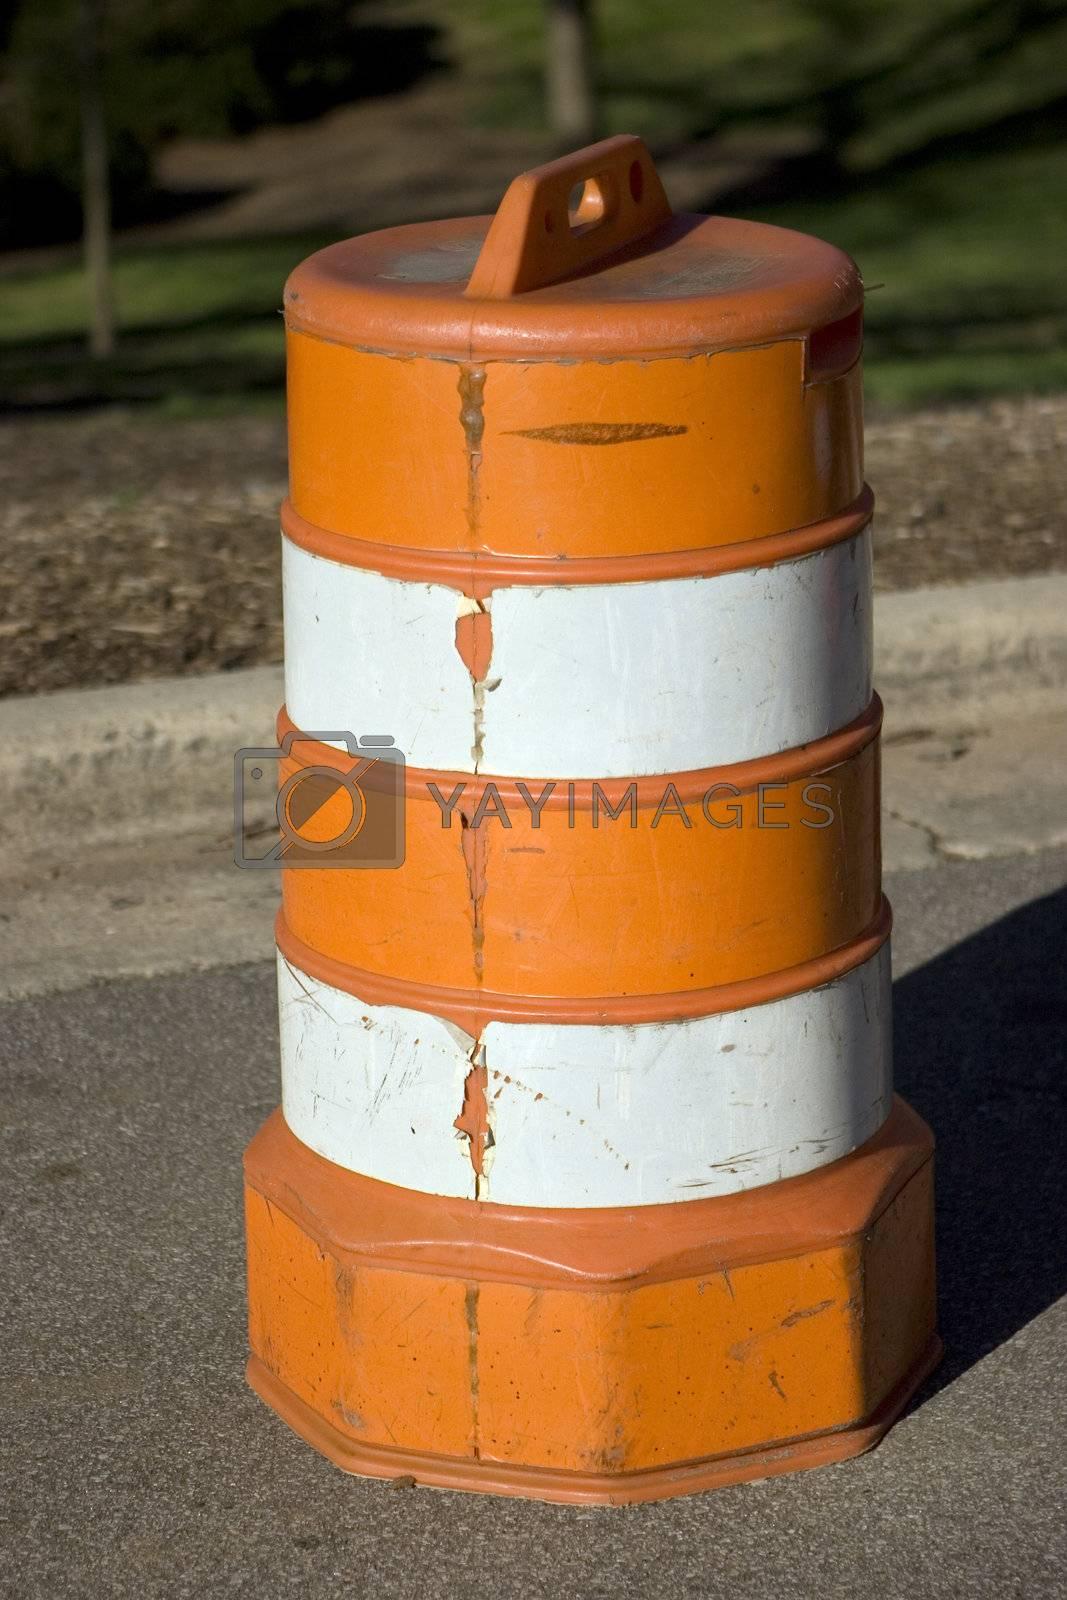 Traffic Barrel Side Profile by jclardy